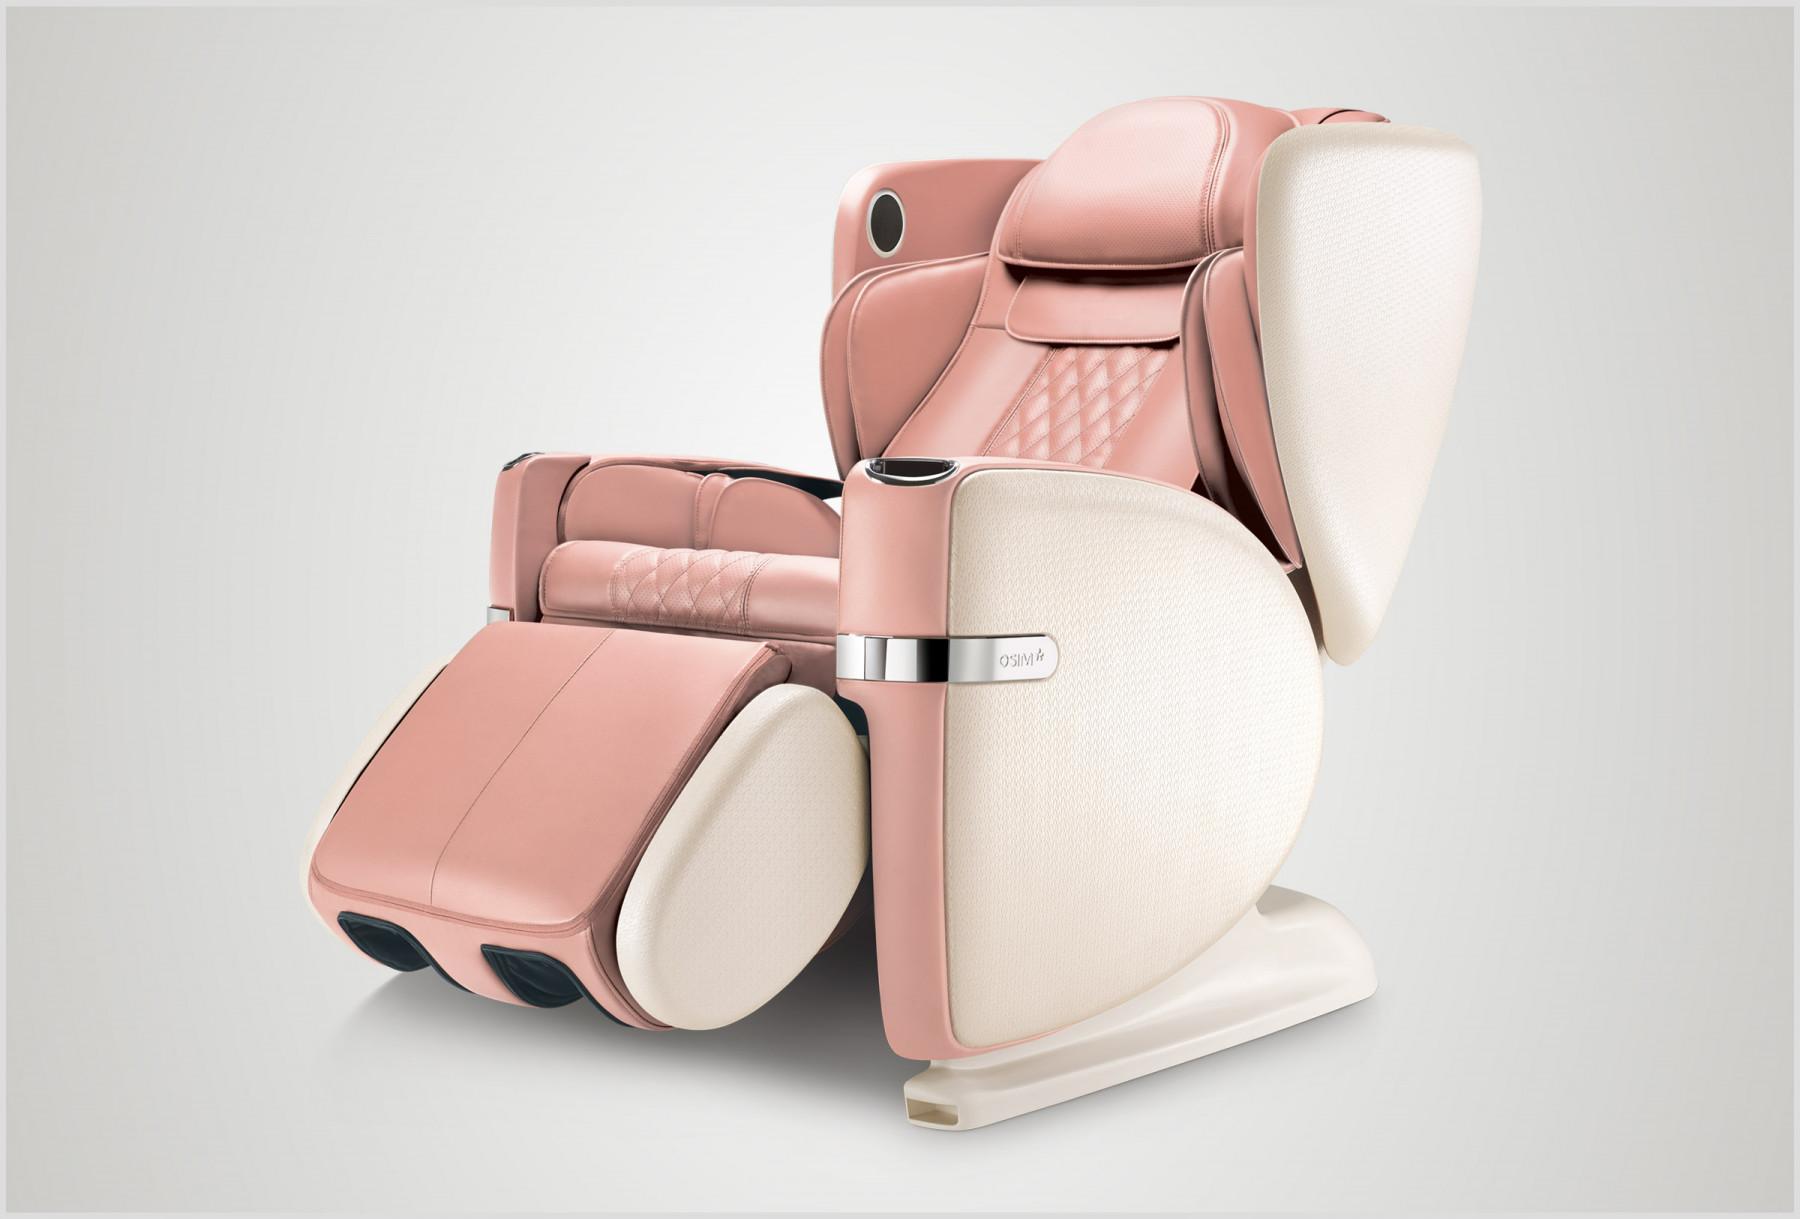 Osim Webshop Osim Ulove Massage Chair